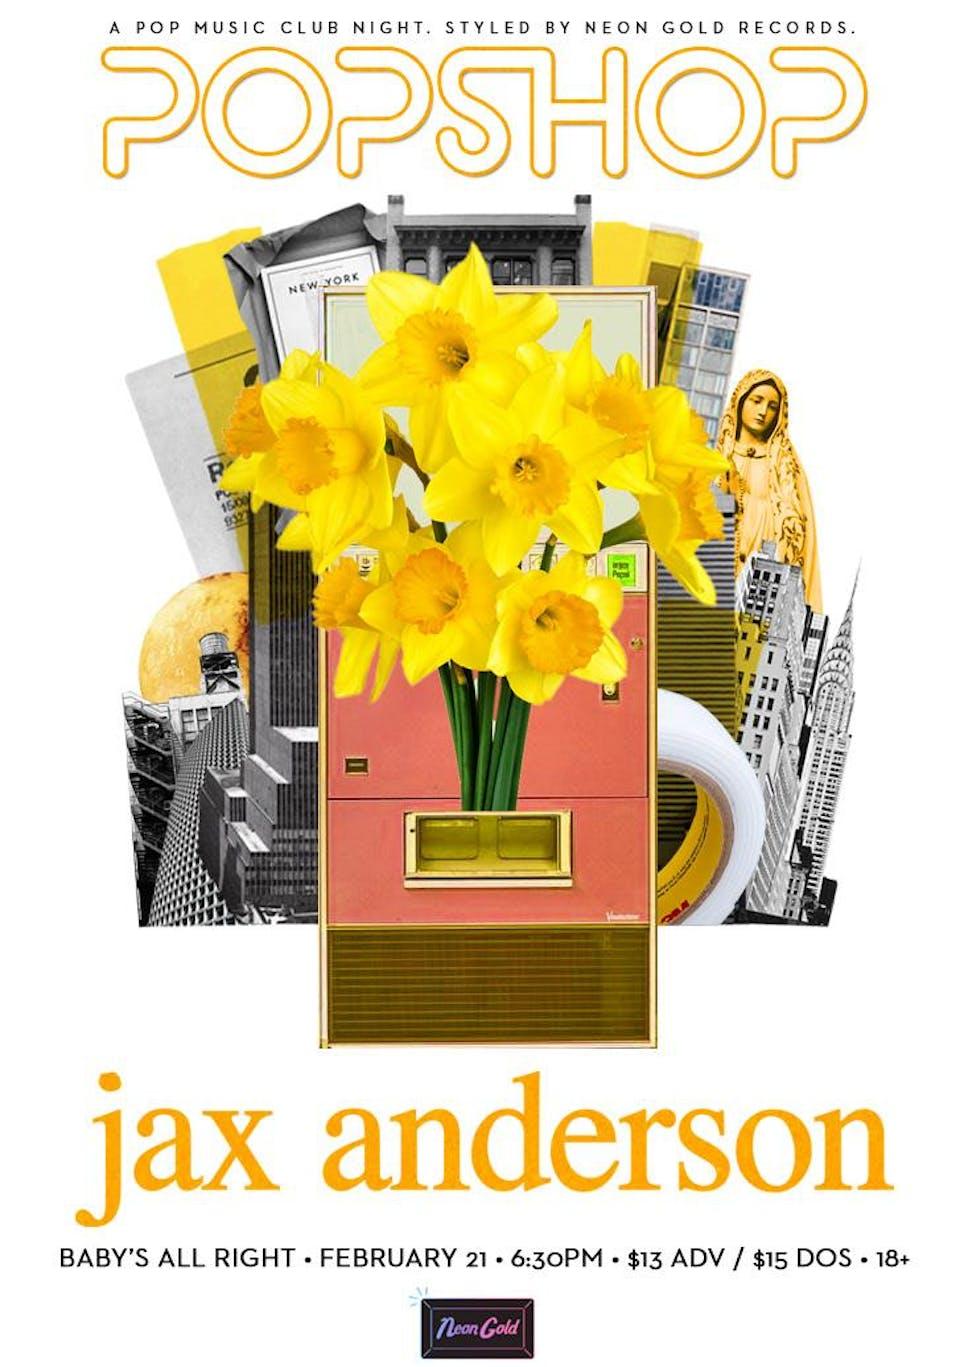 Popshop NYC: Jax Anderson with SAINTE